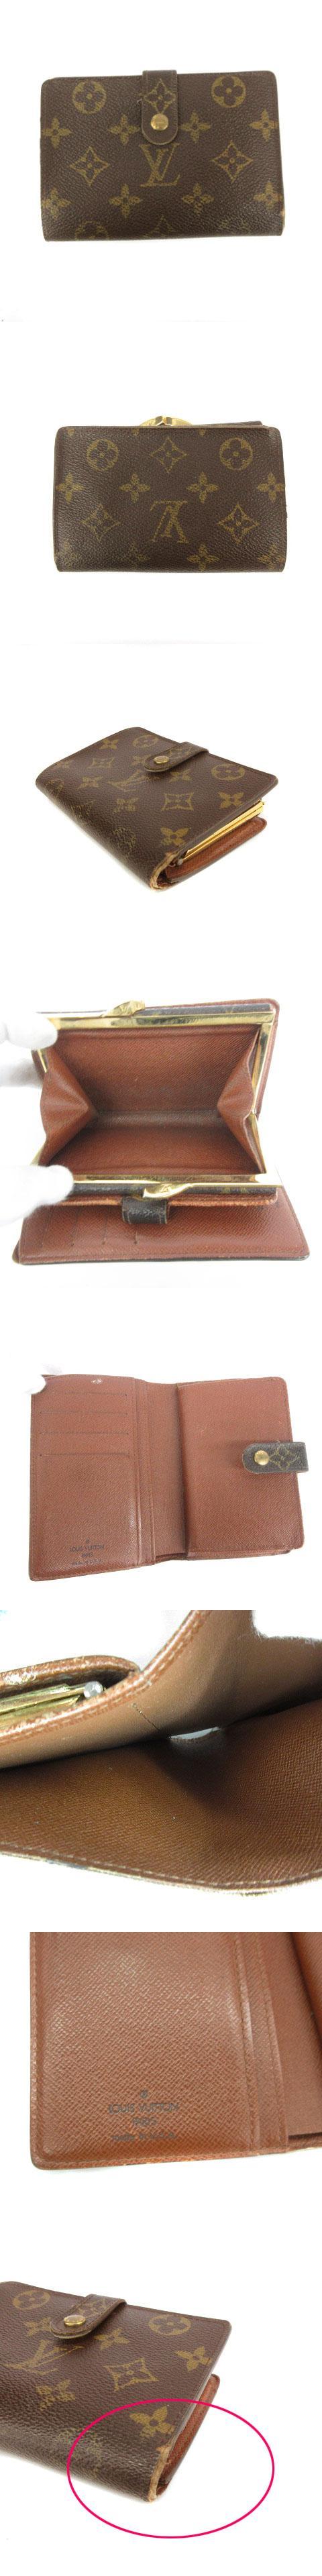 ポルトモネ ビエ ヴィエノワ モノグラム 財布 がま口 二つ折り 茶 ブラウン M61663 ☆CA7☆ /hn0225